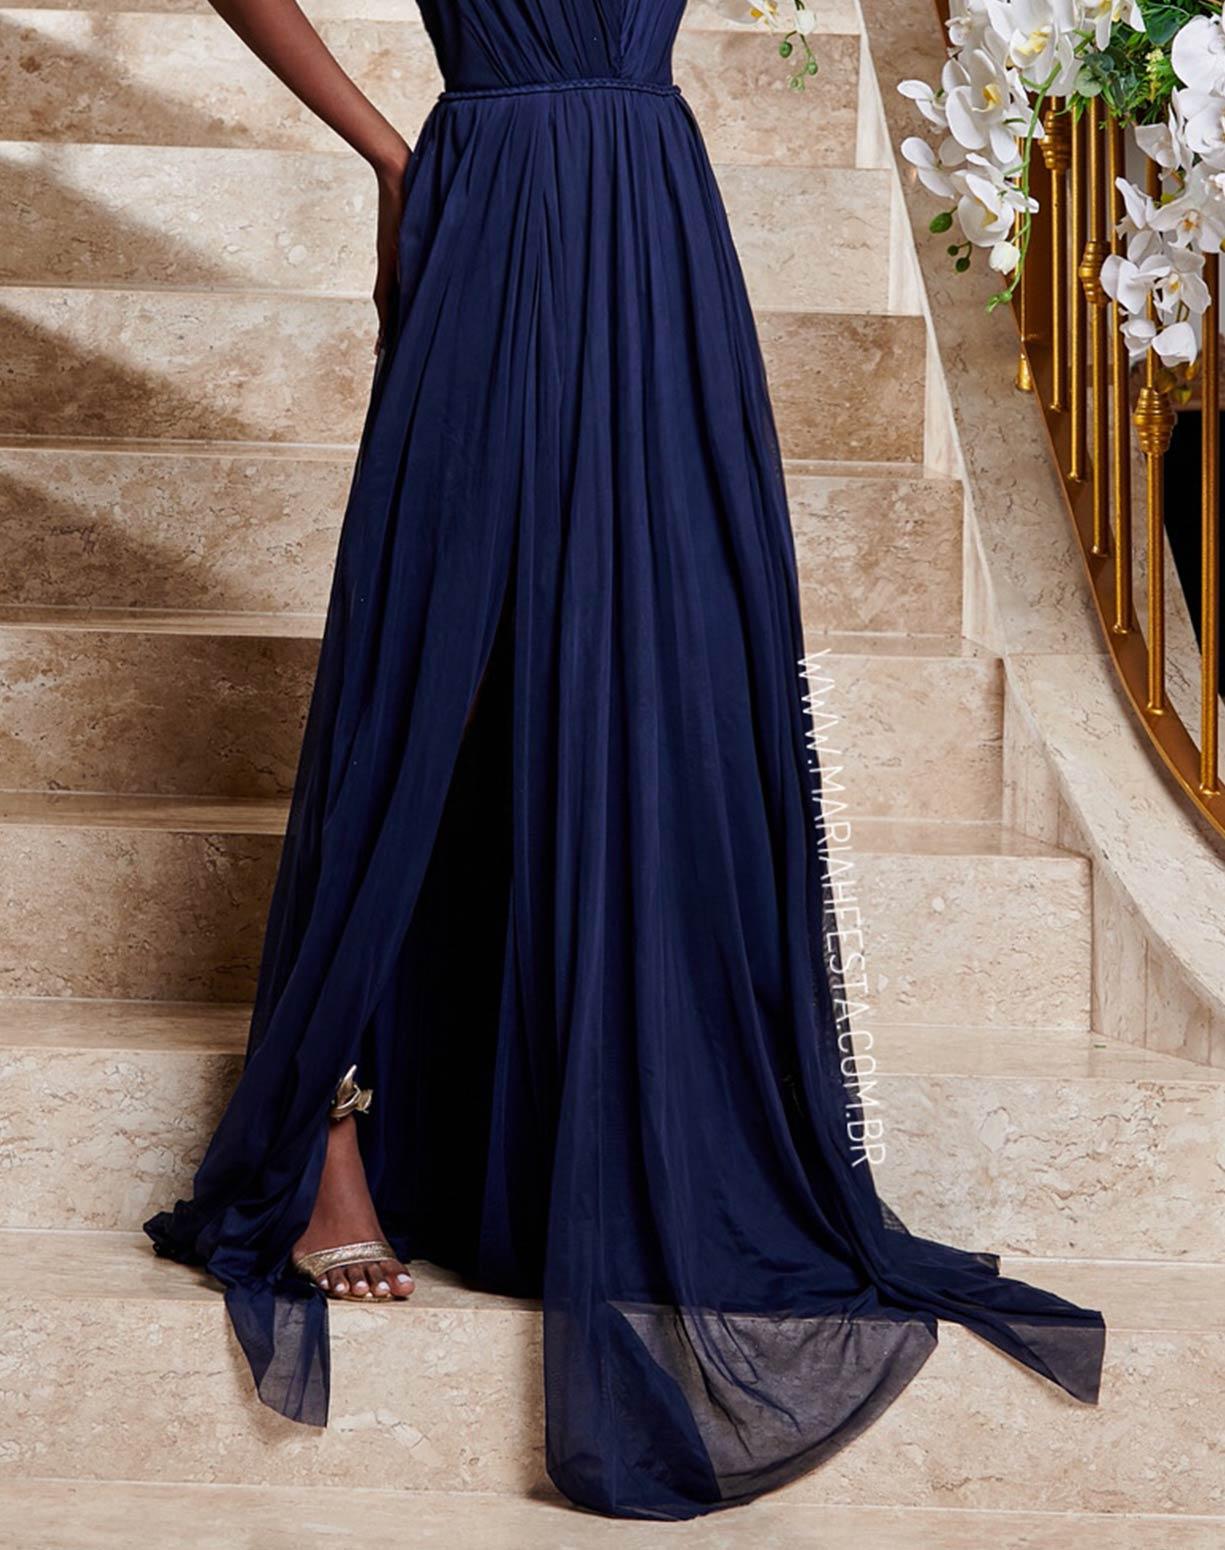 Vestido Azul Marinho em Tule com Duas Fendas